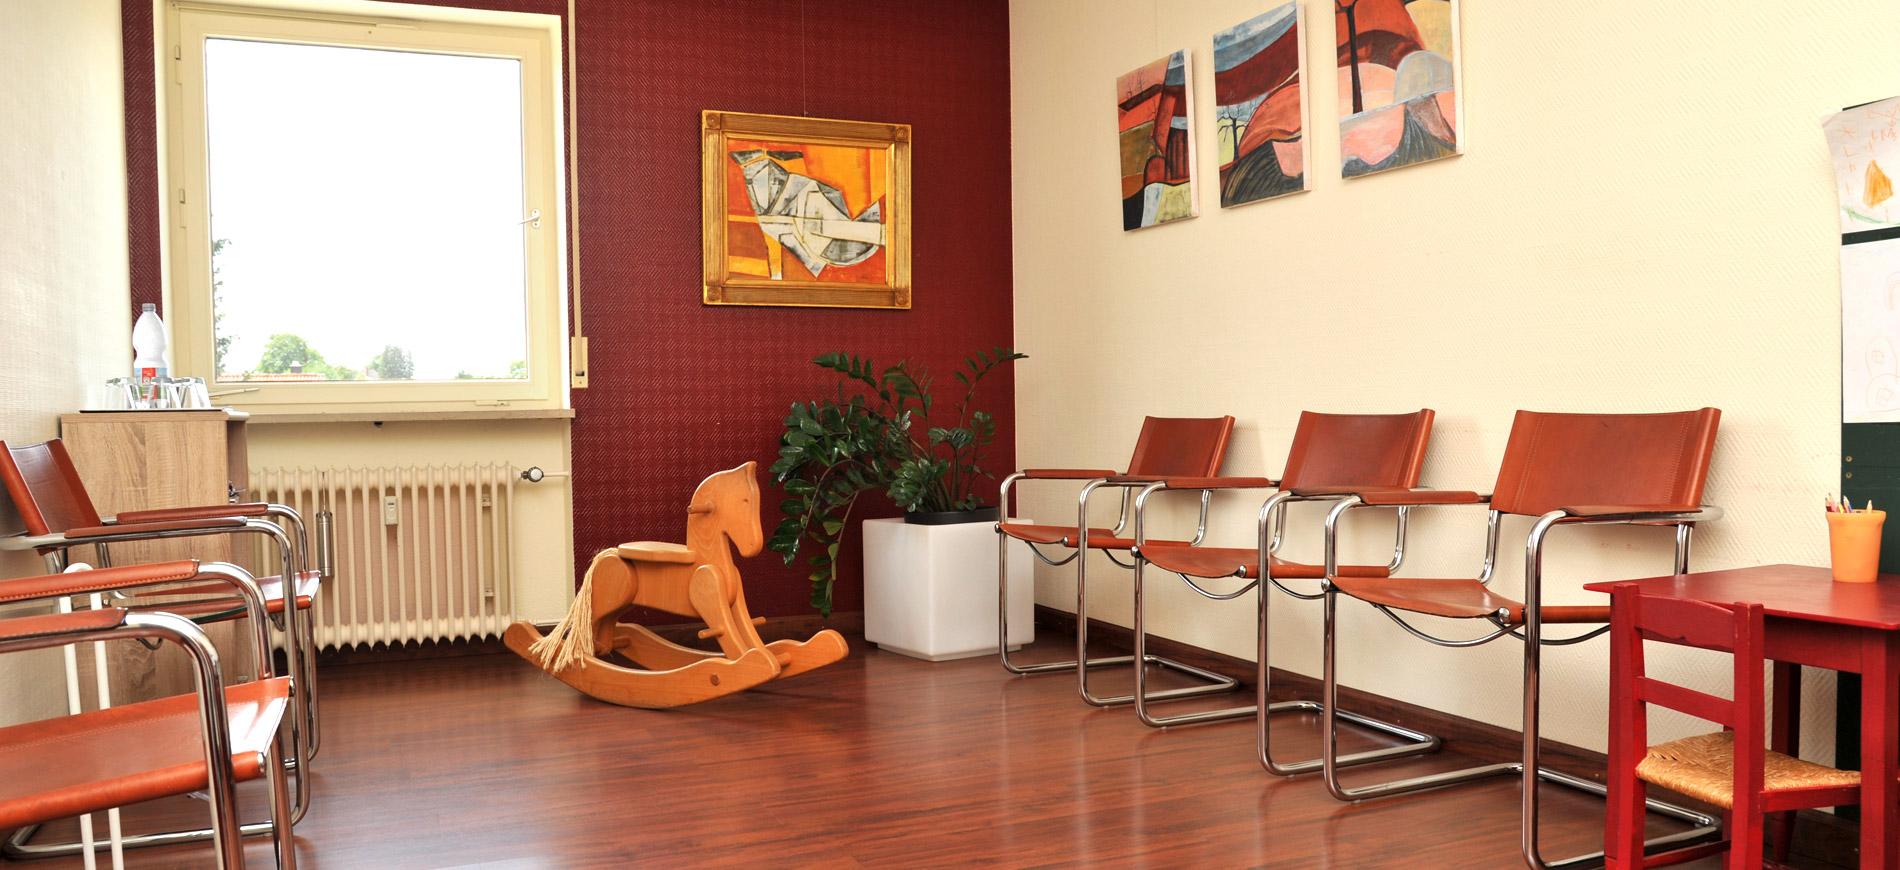 Zahnarzt Dr. Marco Eck - Praxis Dr. Marco Eck 1